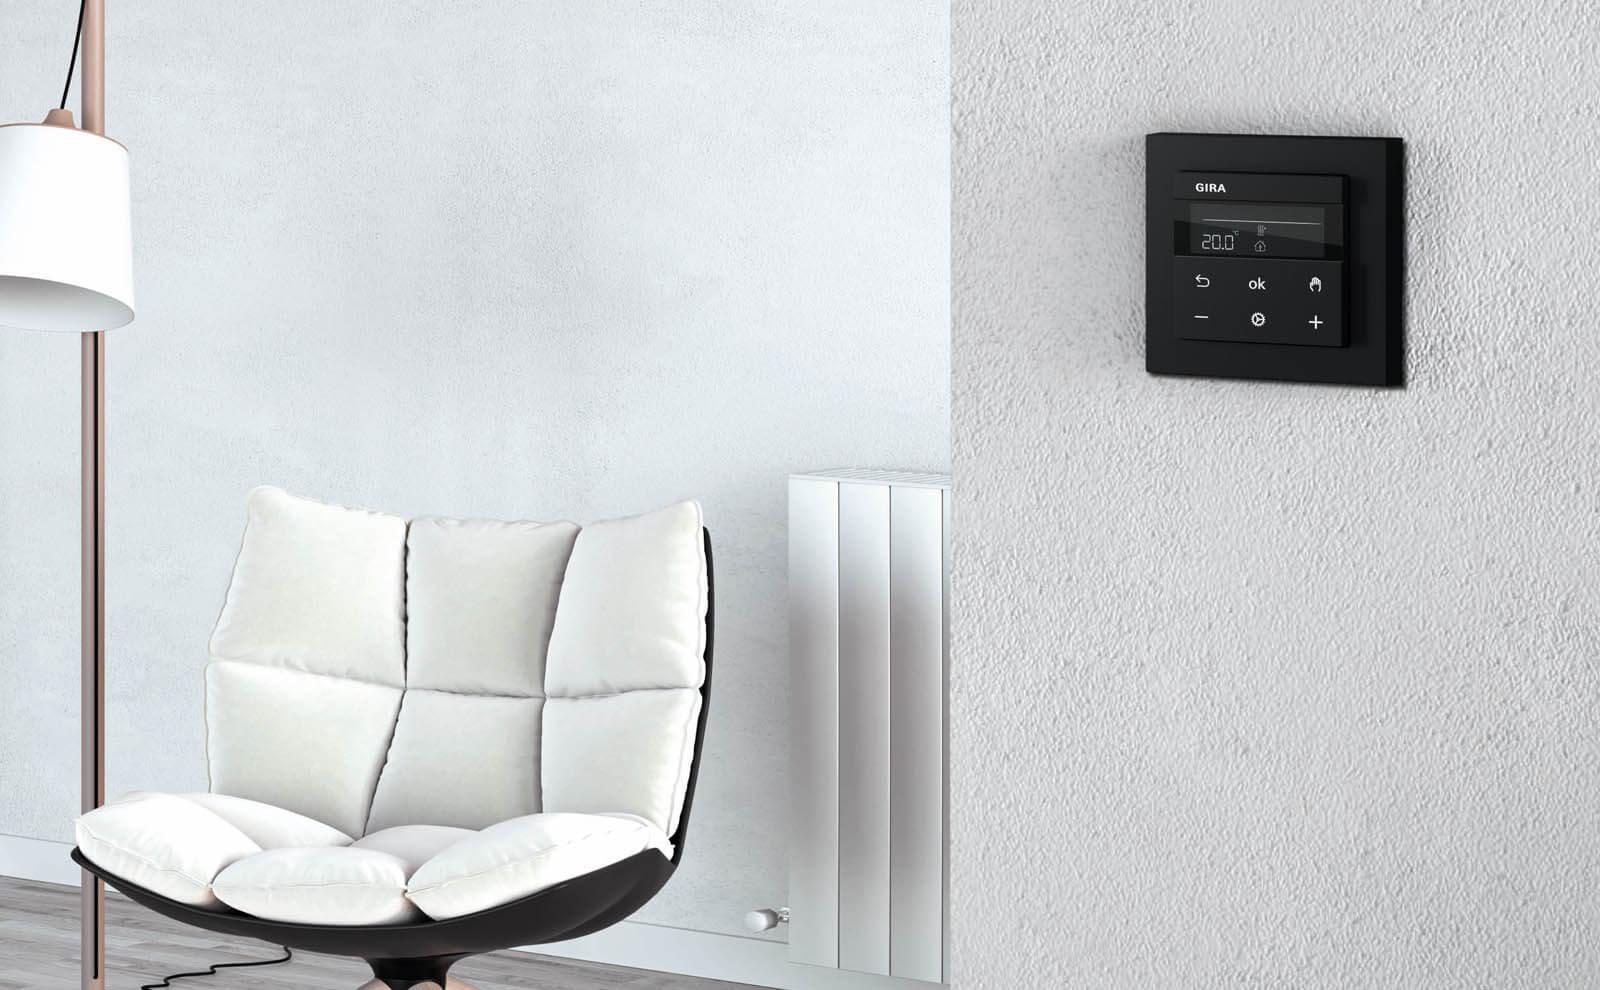 Gira System 3000 Raumtemperaturregler